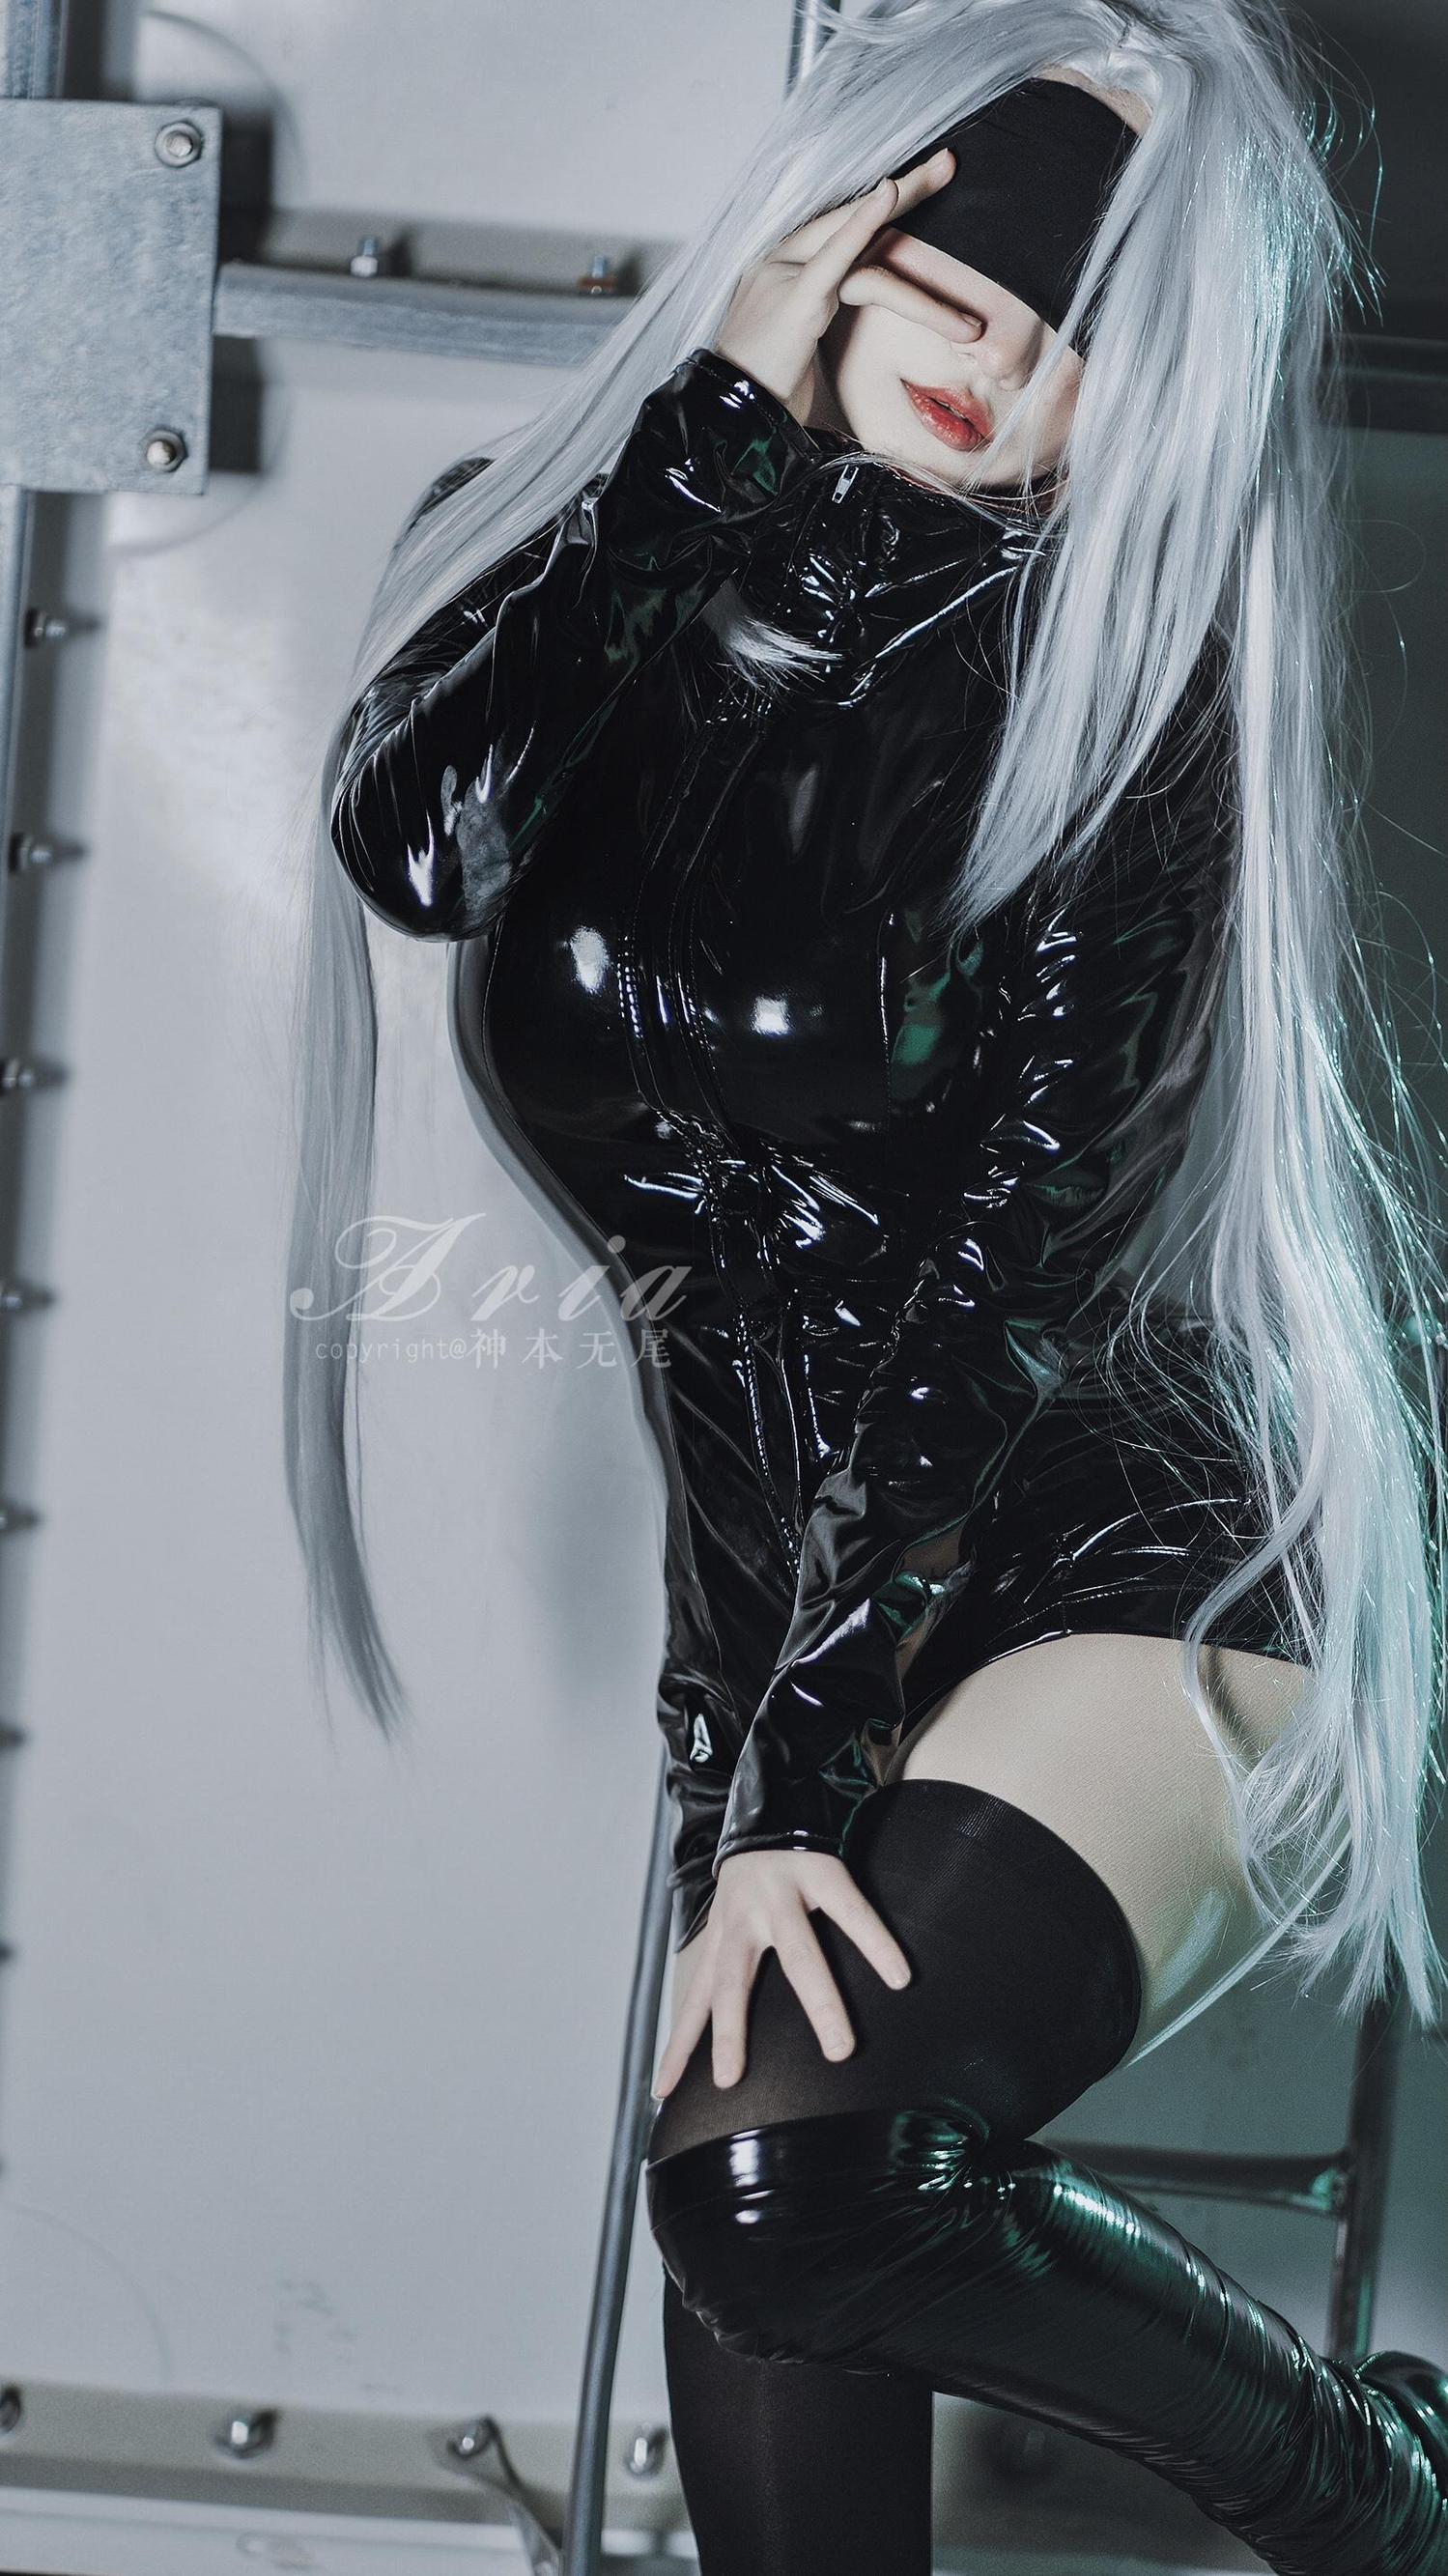 《咒术回战》正片cosplay【CN:神本无尾】-第13张